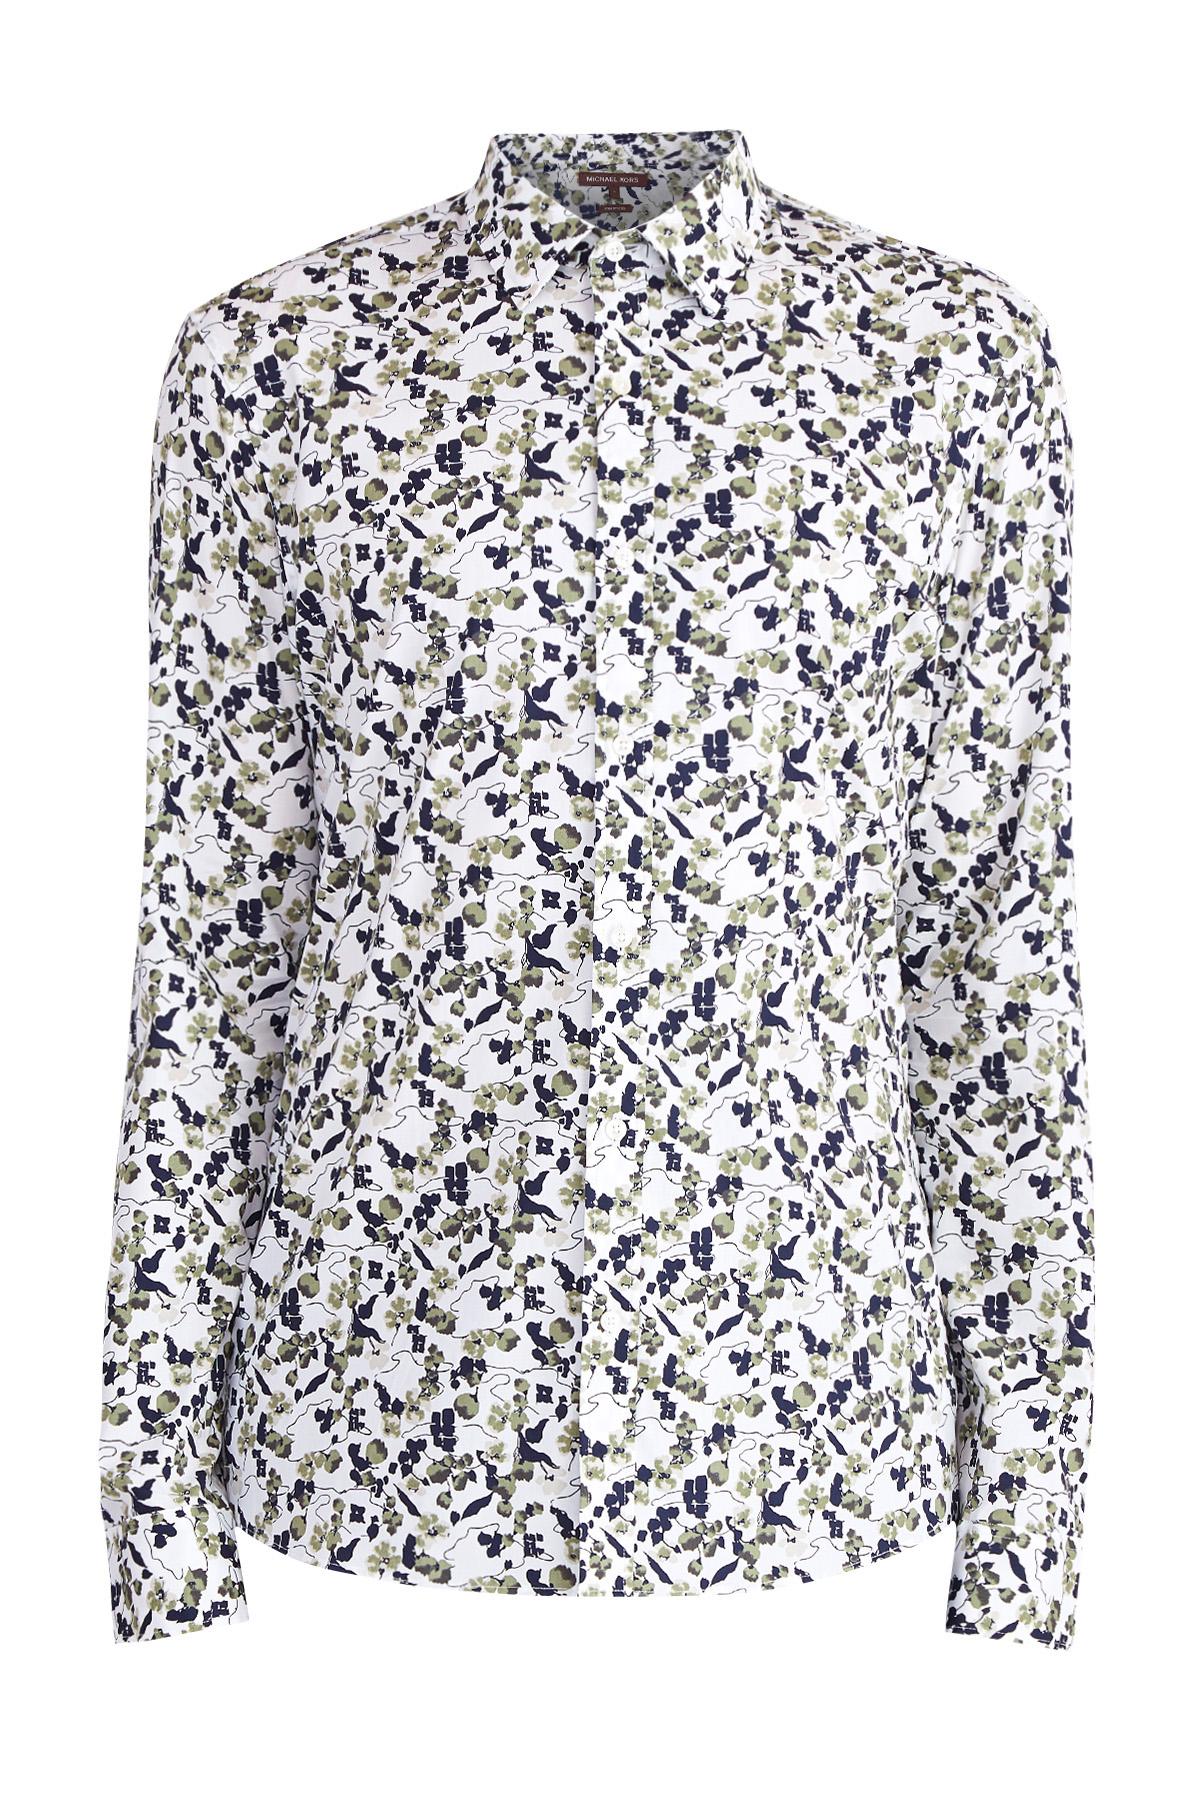 Купить Рубашка, MICHAEL KORS, США, хлопок 97%, спандекс 3%